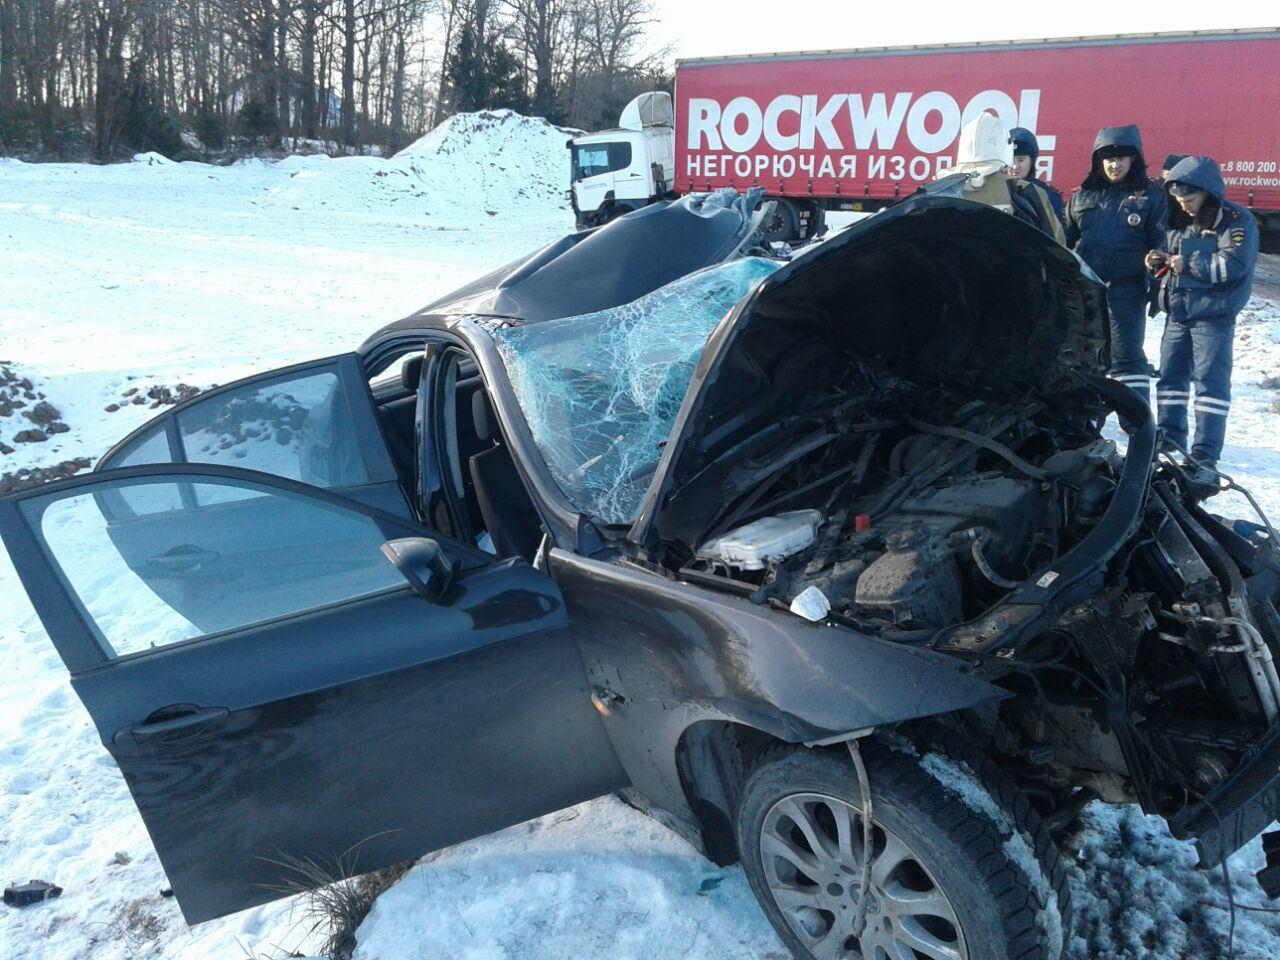 ВТатарстане натрассе БМВ вылетел навстречку, шофёр умер